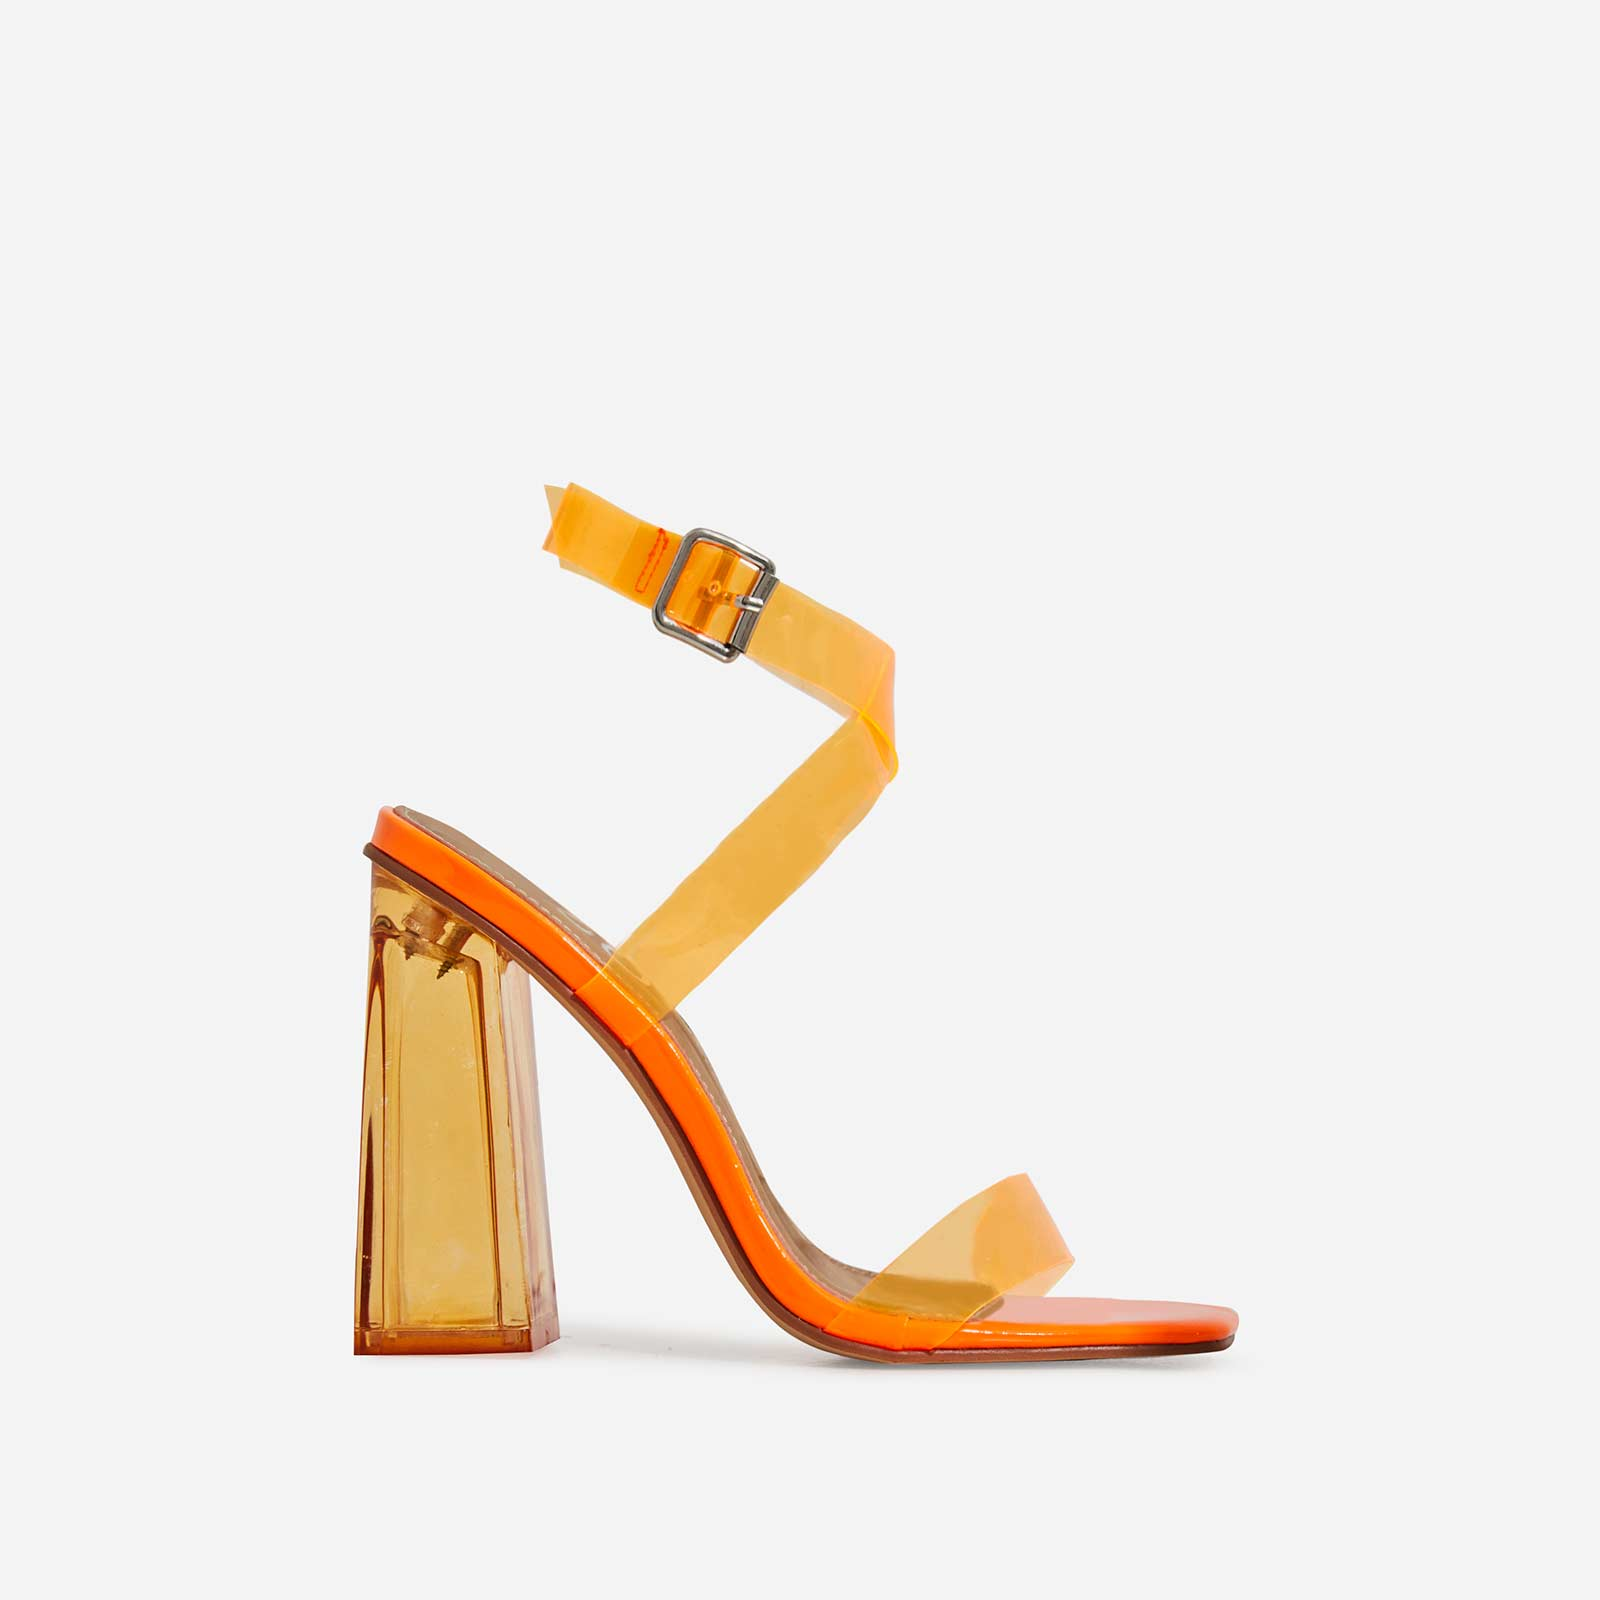 Saint Square Toe Perspex Flared Block Heel In Orange Patent